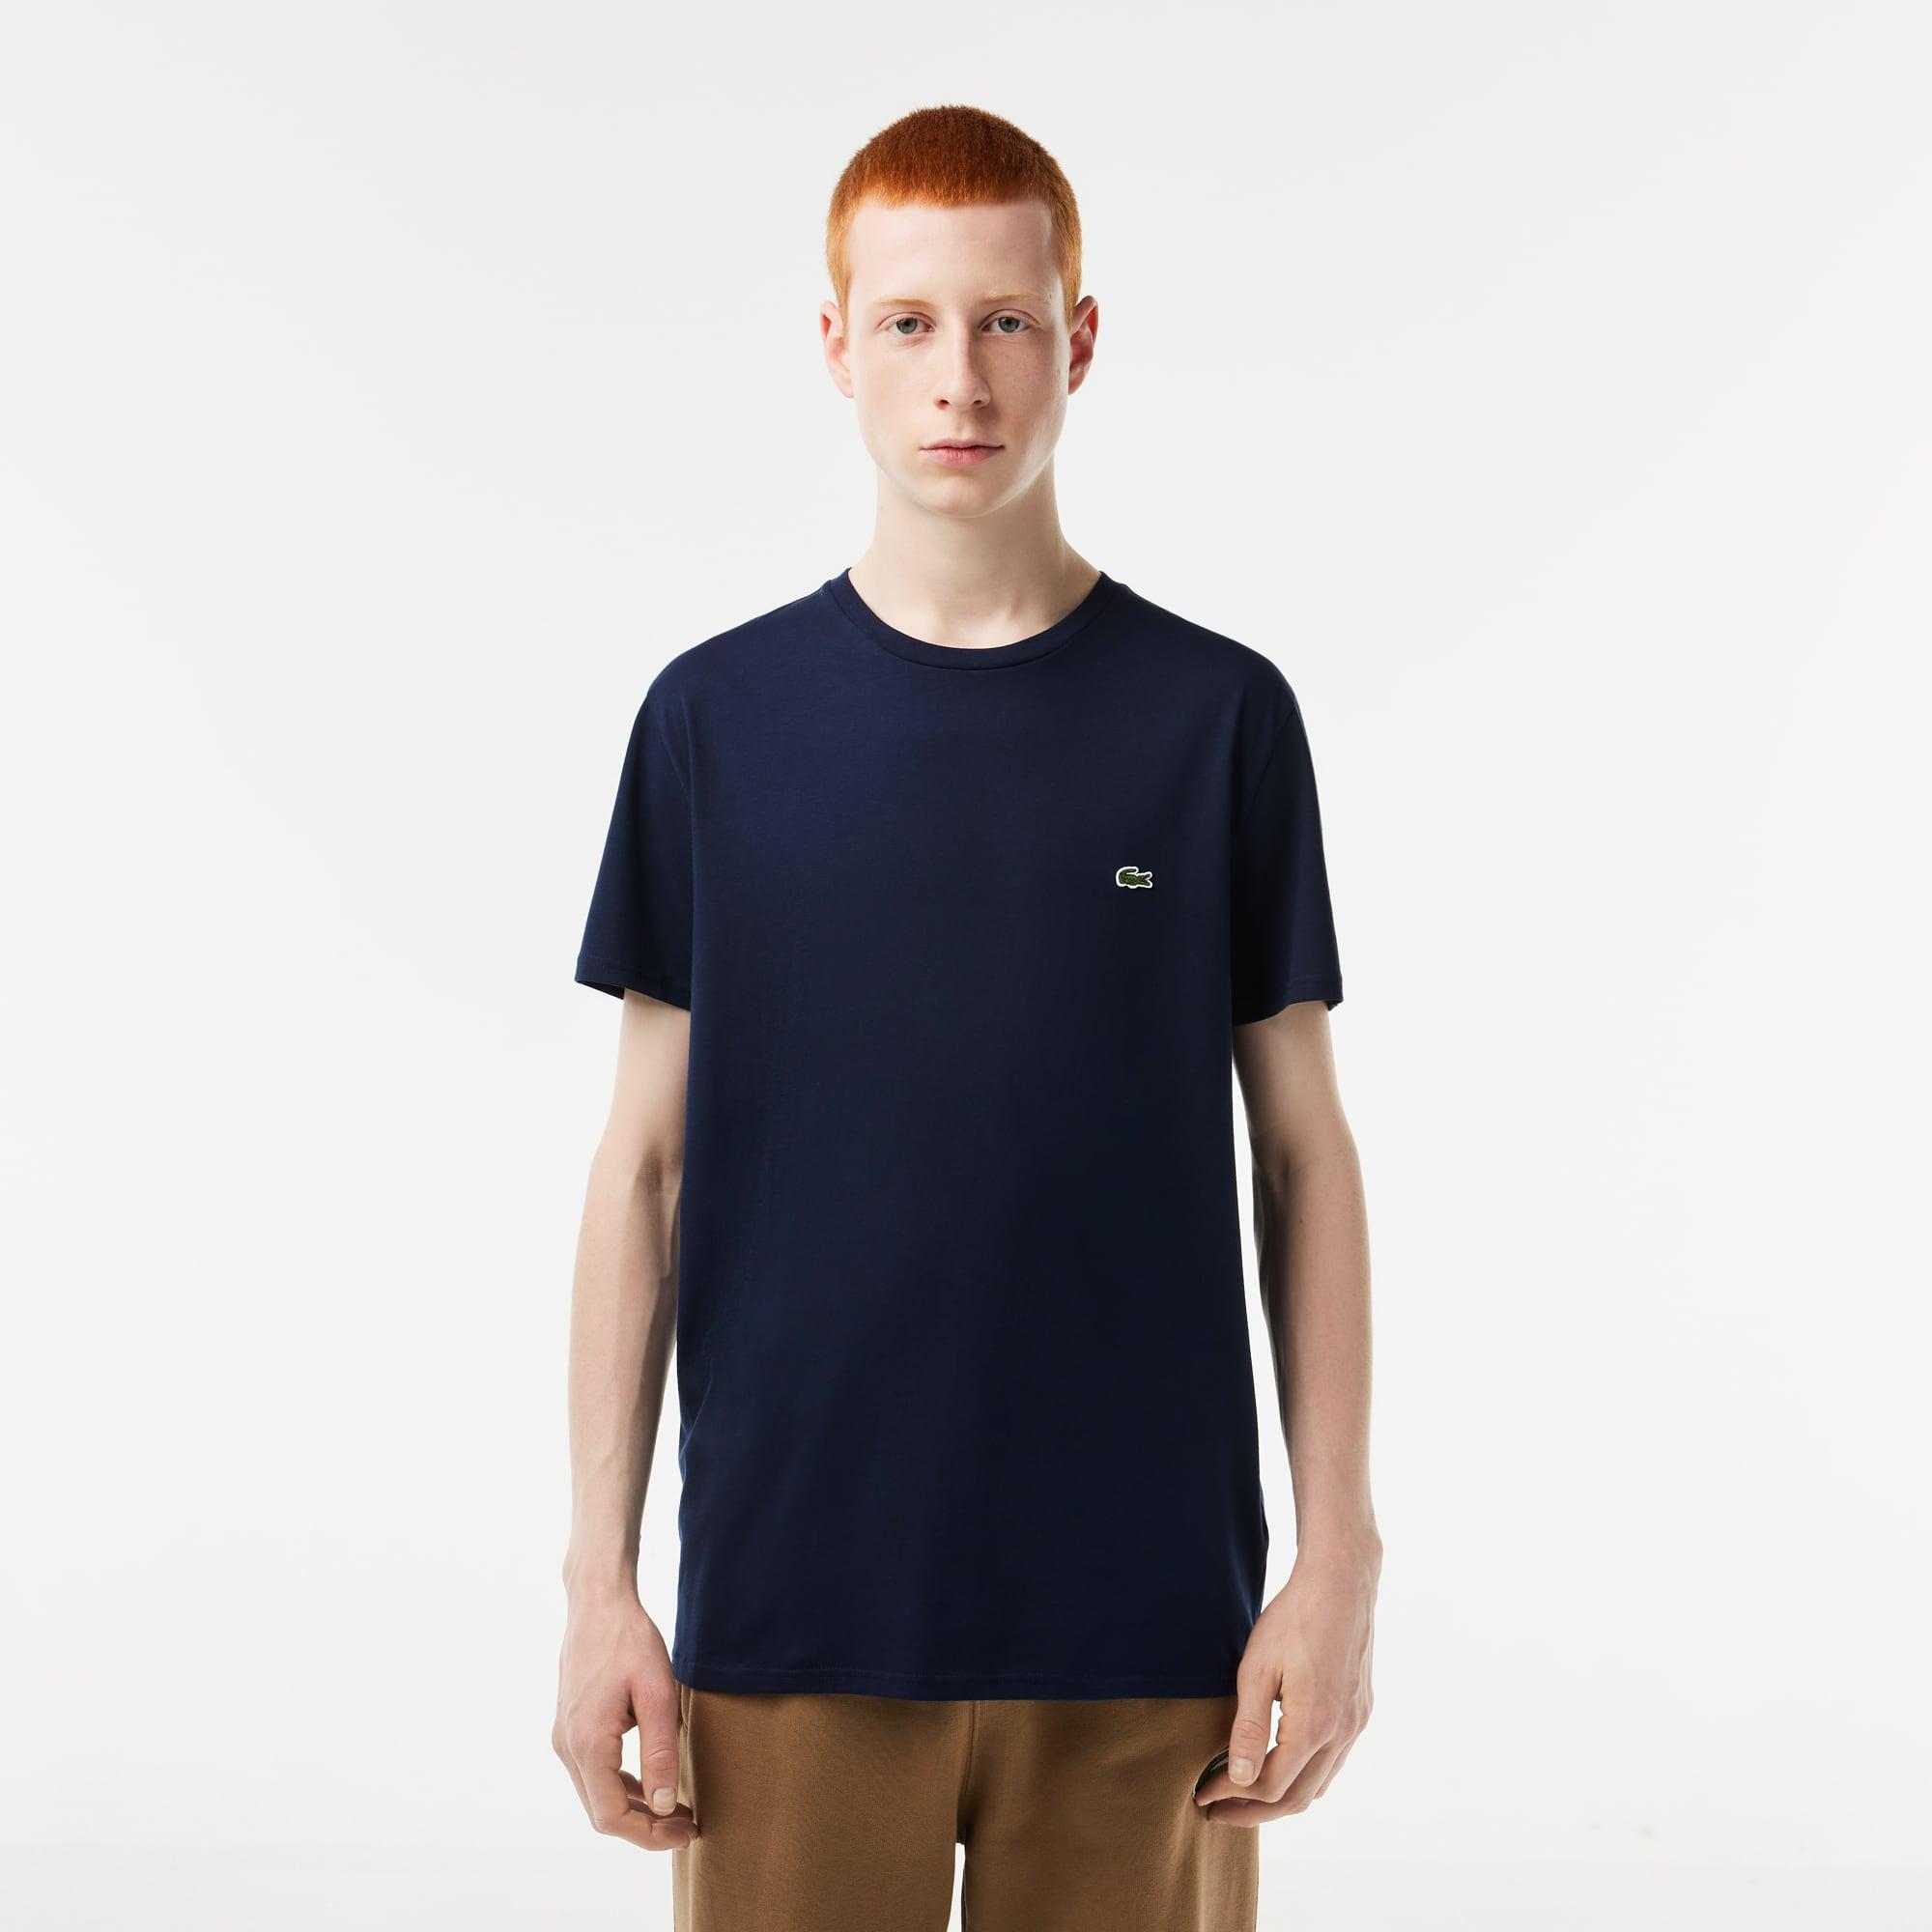 7923a7d5e7 T-shirt col rond en jersey de coton pima uni. C$ 65.00 65.00 CAD.  Commenter. Couleur : Bleu Marine